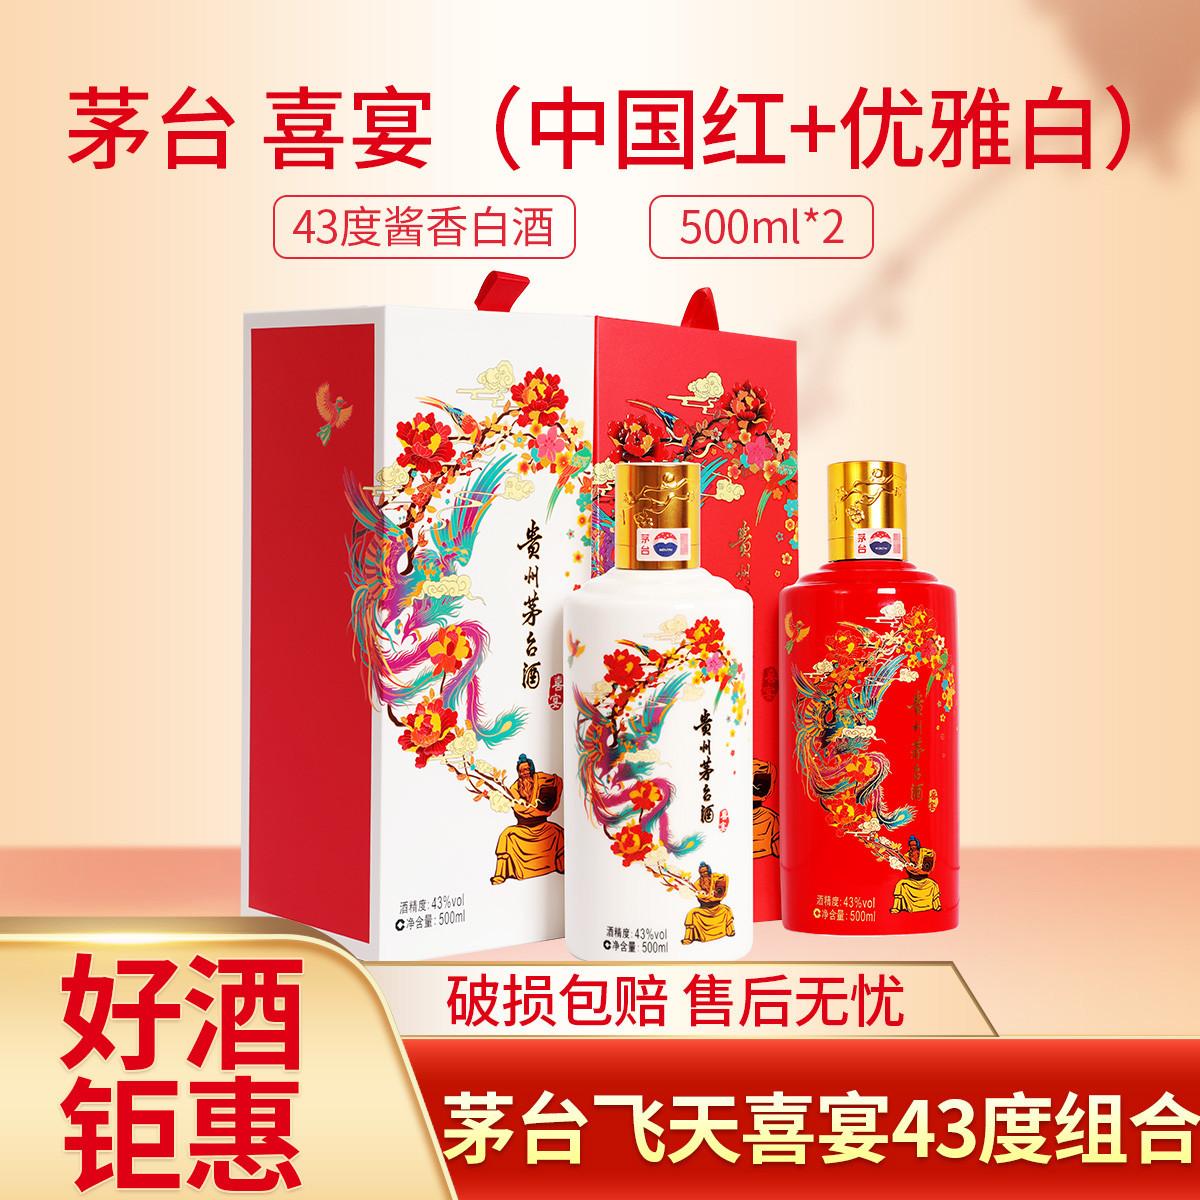 贵州茅台酒 飞天茅台 43度酱香型白酒 喜宴(中国红+优雅白)